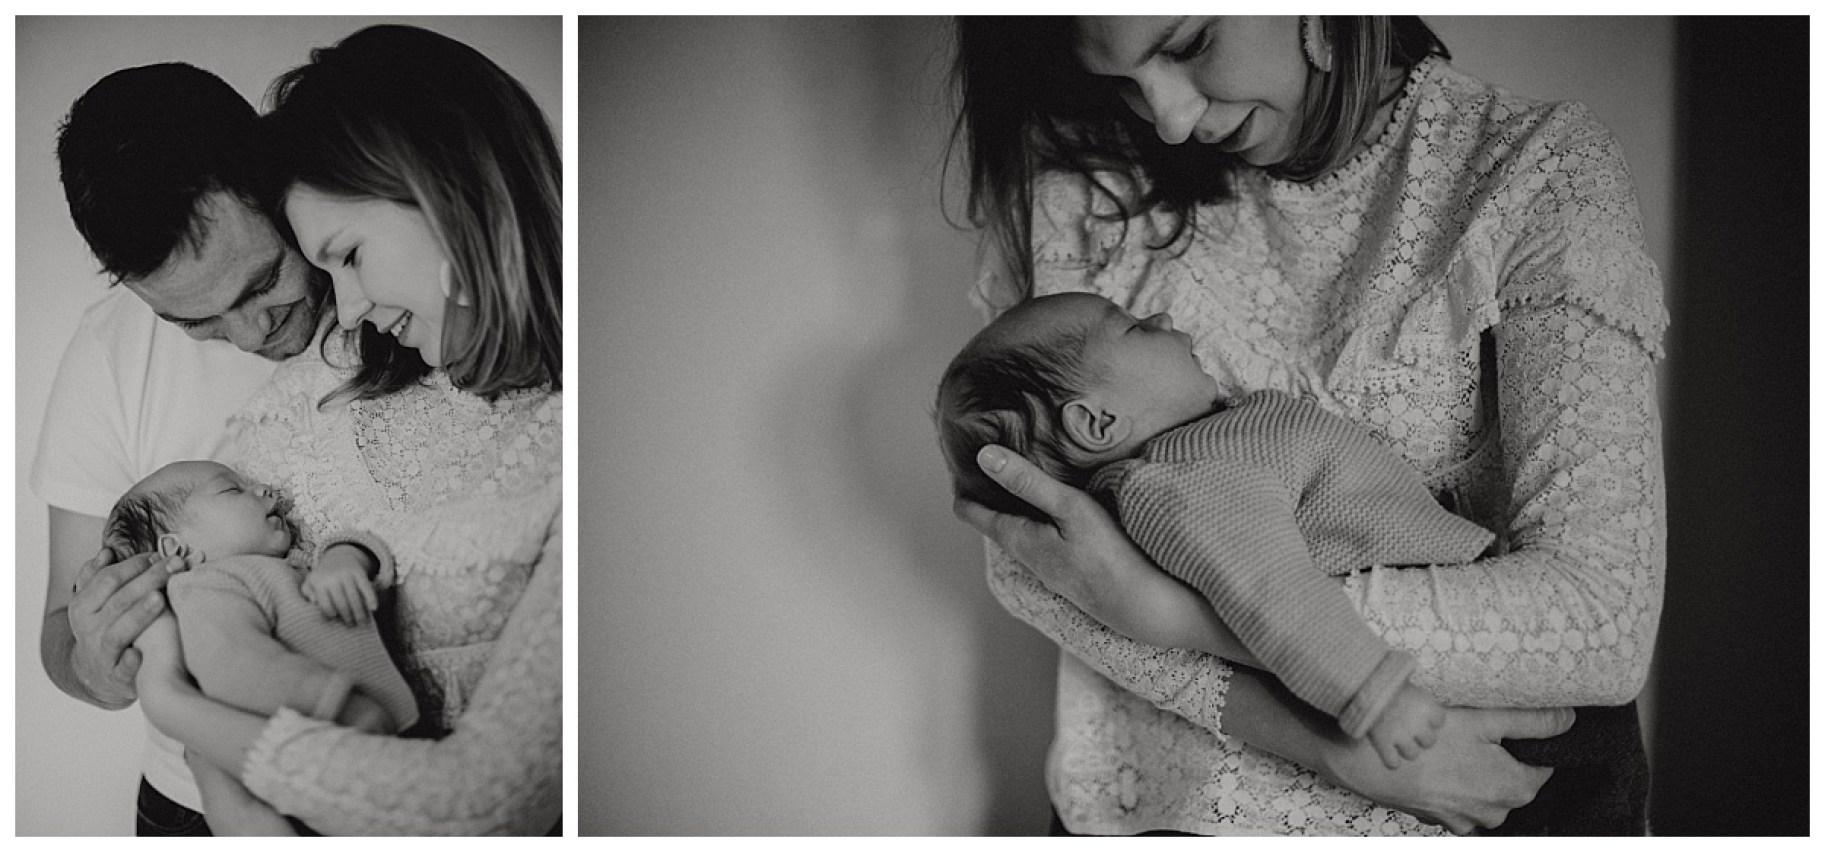 séance-photo-naissance-bébé-alsace